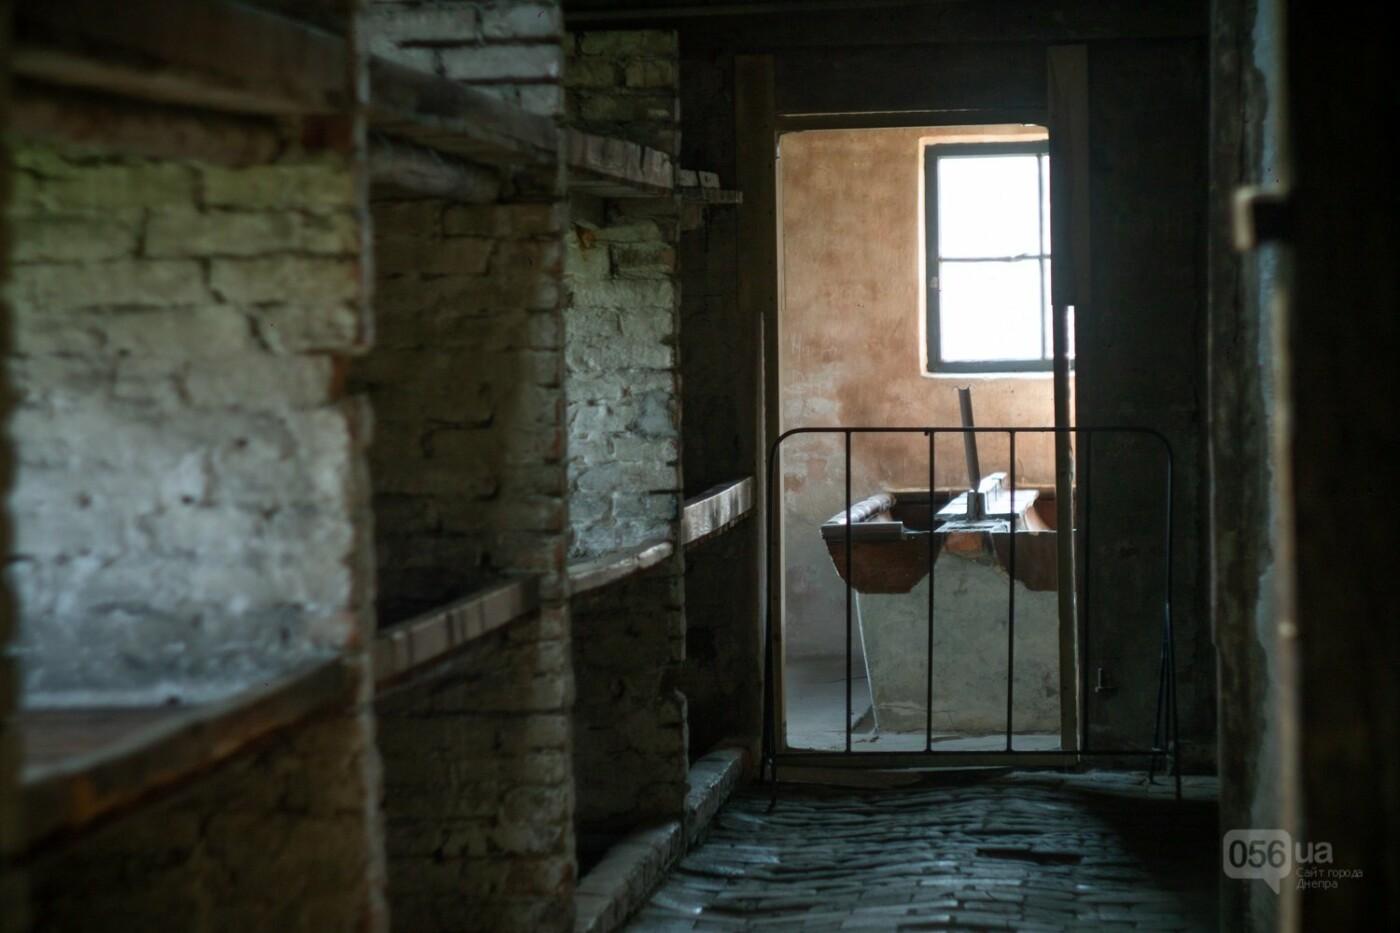 Приехать в Польшу и влюбиться, часть 1: мини-гайд по Кракову о жилье, транспорте и развлечениях, и экскурсия в Аушвиц-Биркенау , - ФОТО, фото-38